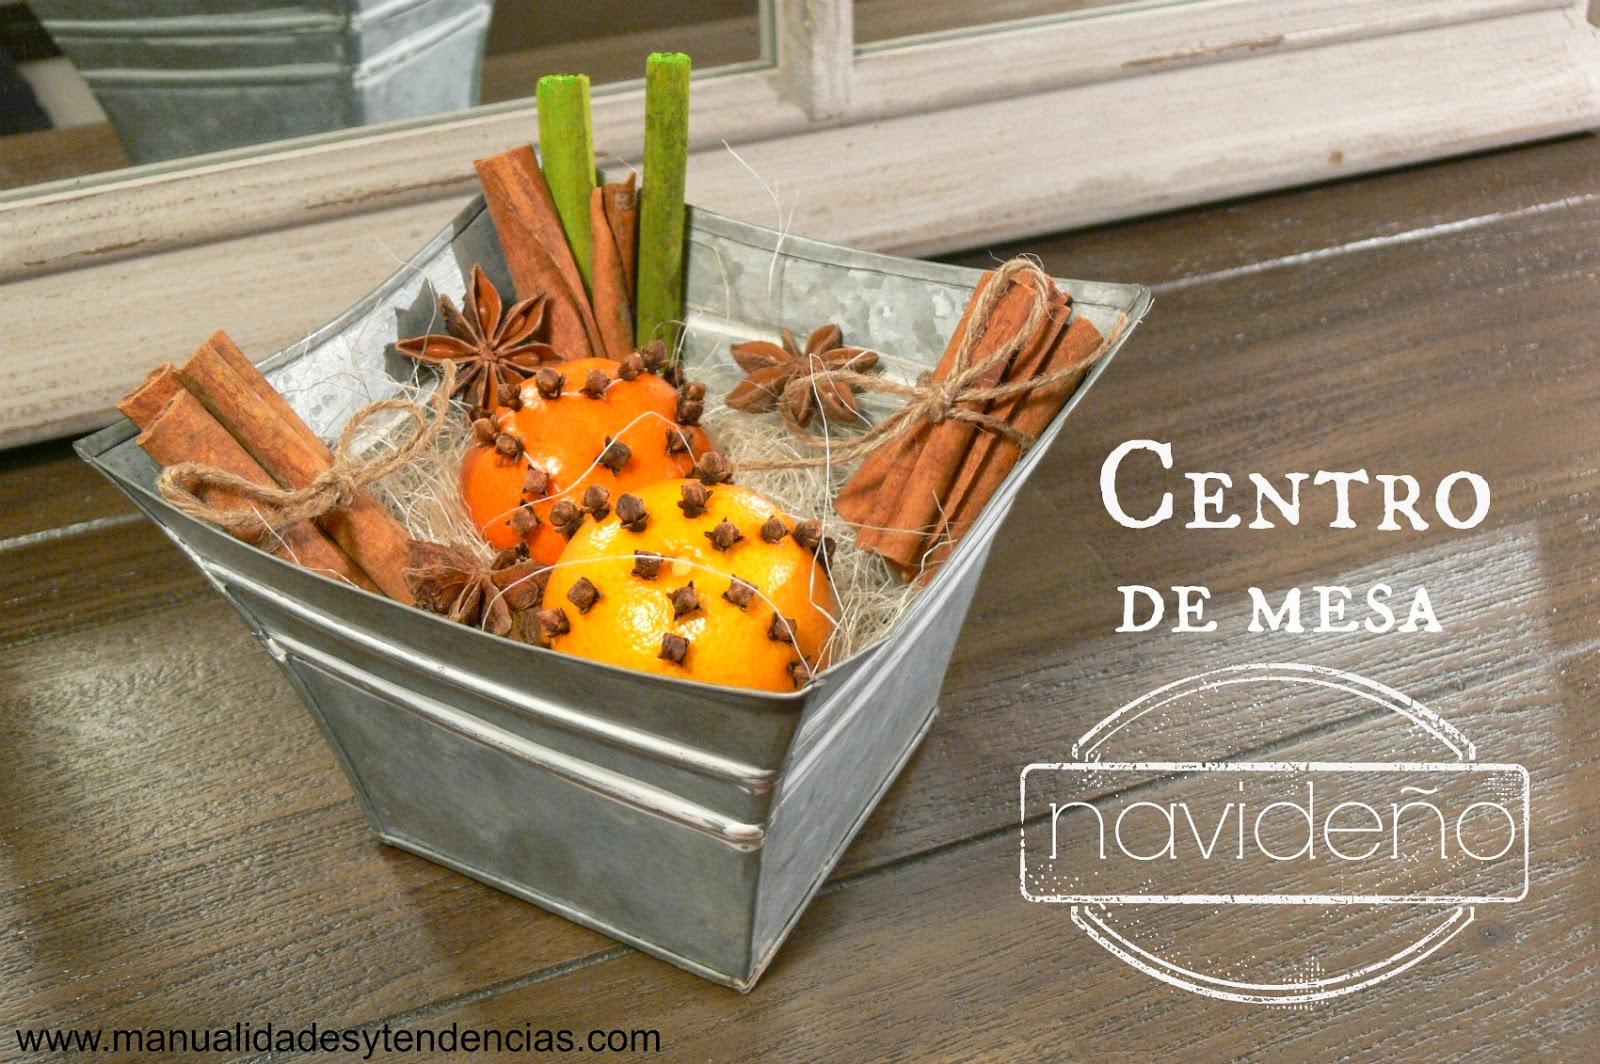 Manualidades y tendencias centro de mesa navide o - Manualidades centros de navidad ...